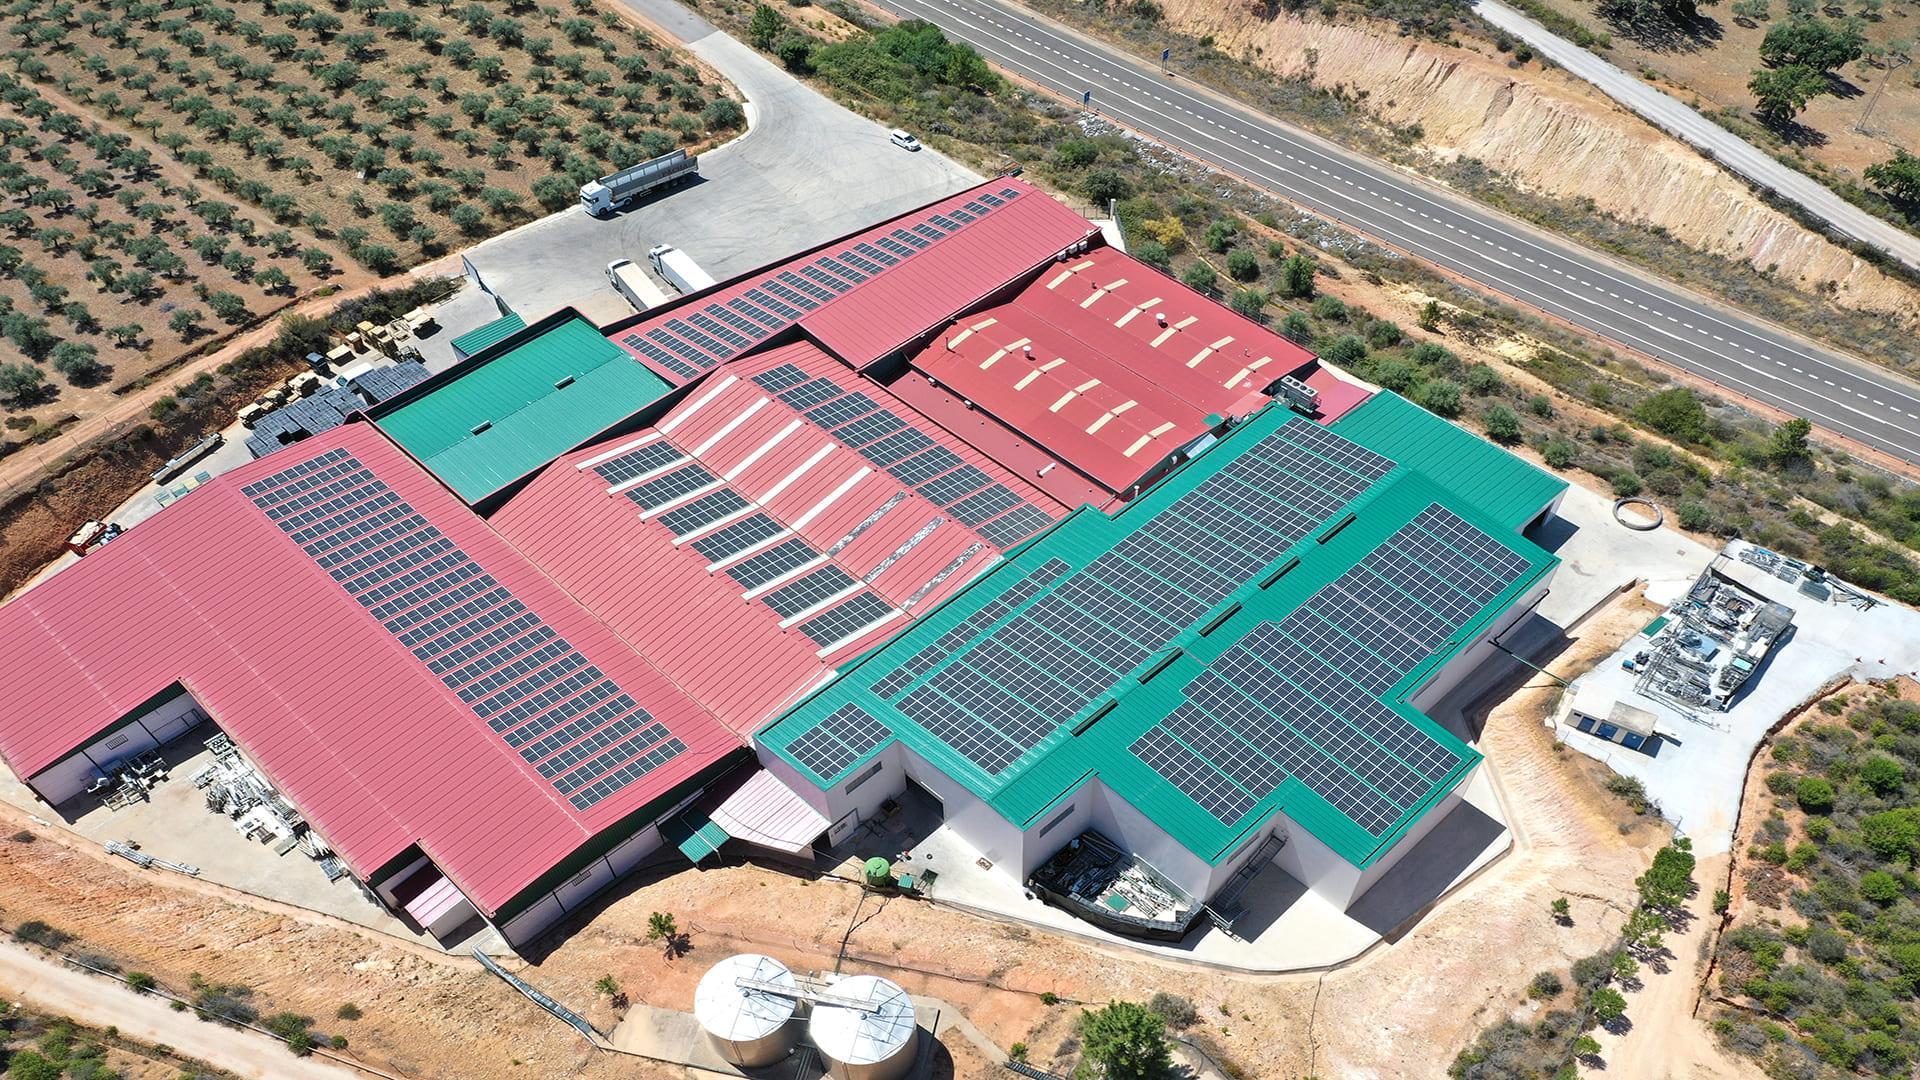 Instalación fotovoltaica de autoconsumo en Aguas Fondetal | EiDF